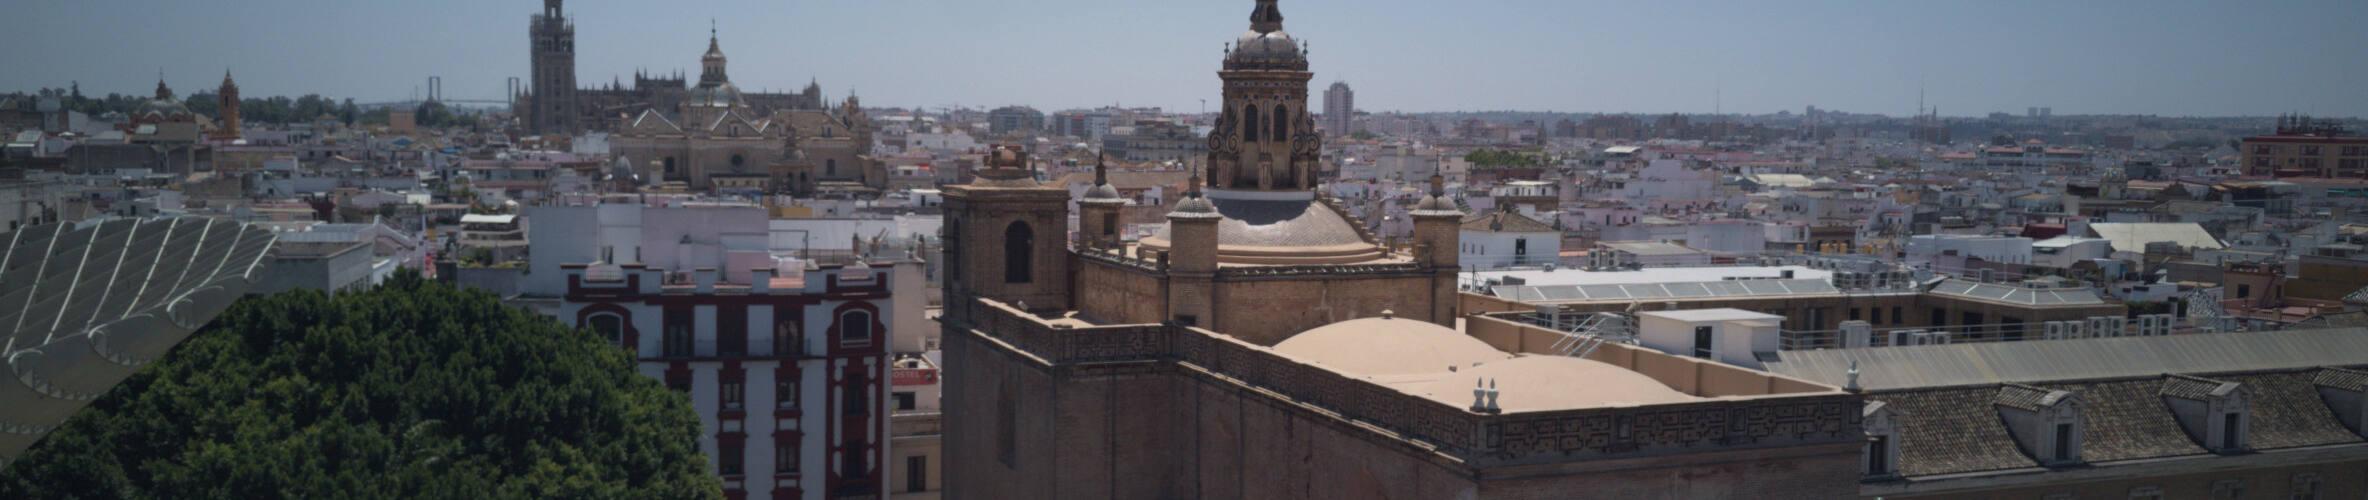 Sevilla desde las setas. (C) n1mh.org